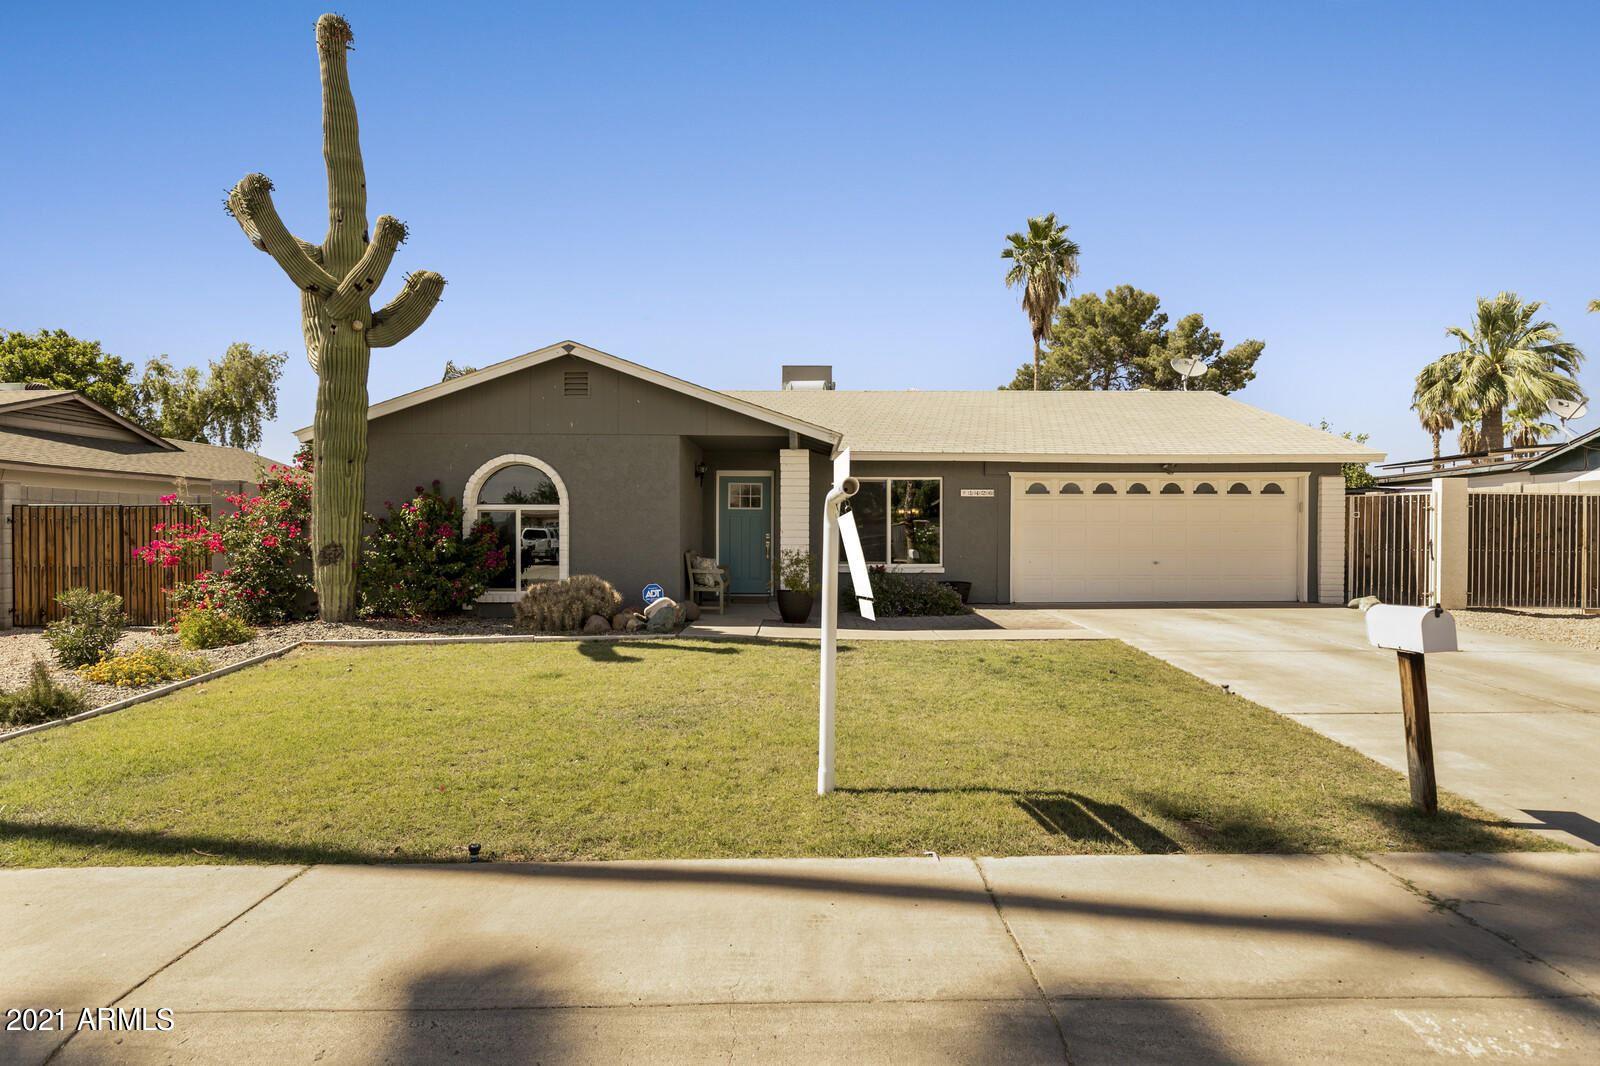 1426 W TOPEKA Drive, Phoenix, AZ 85027 - MLS#: 6247162